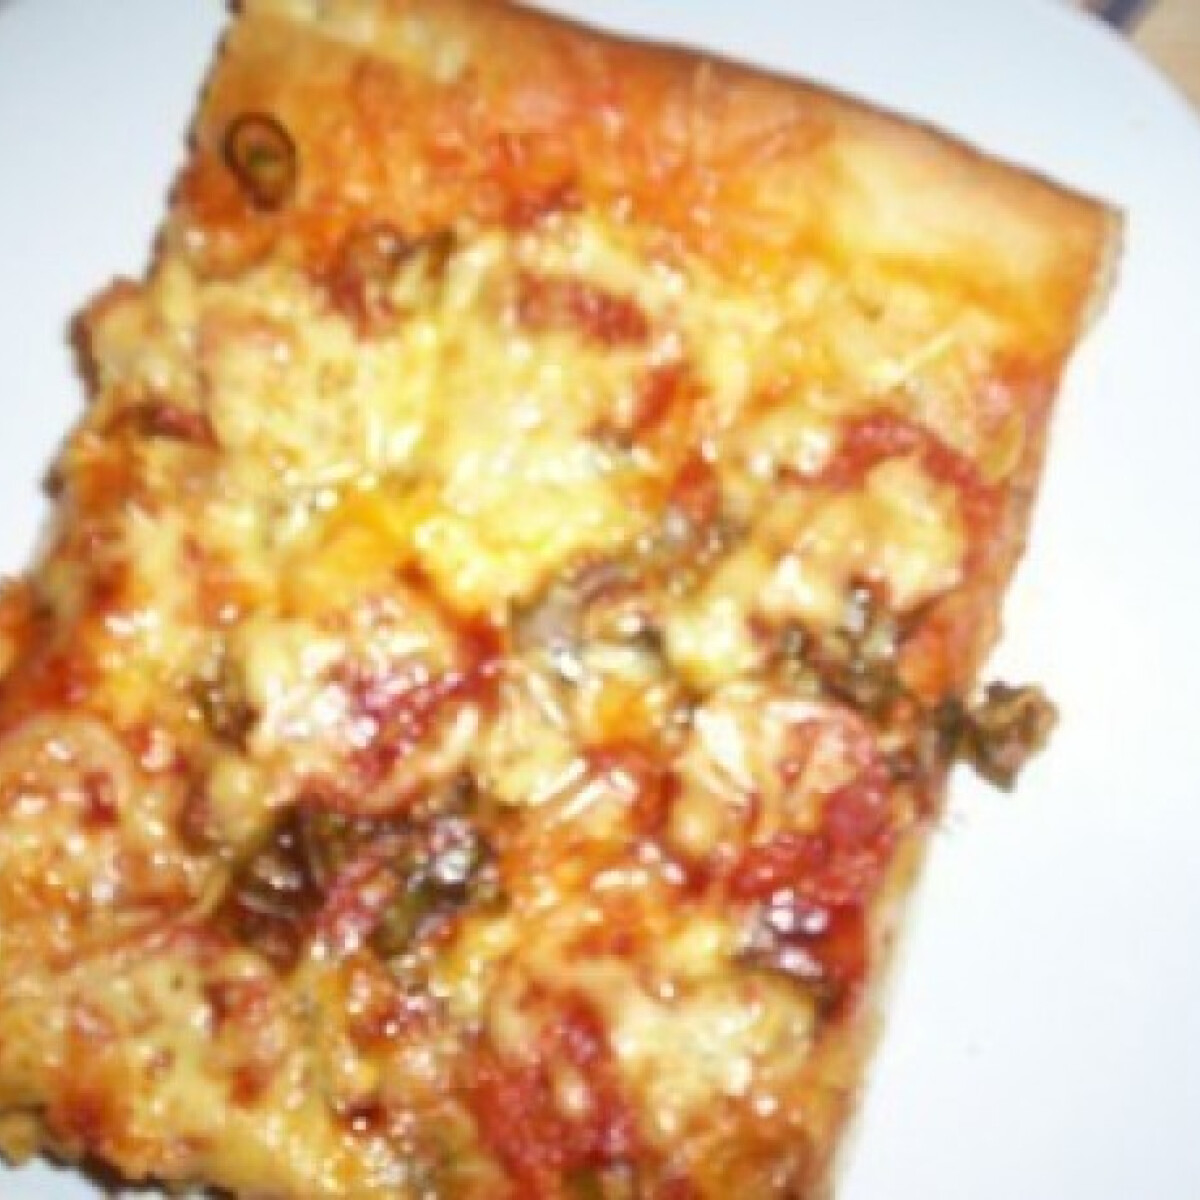 Ezen a képen: Tepsis pizza - magyaros pizza 3.